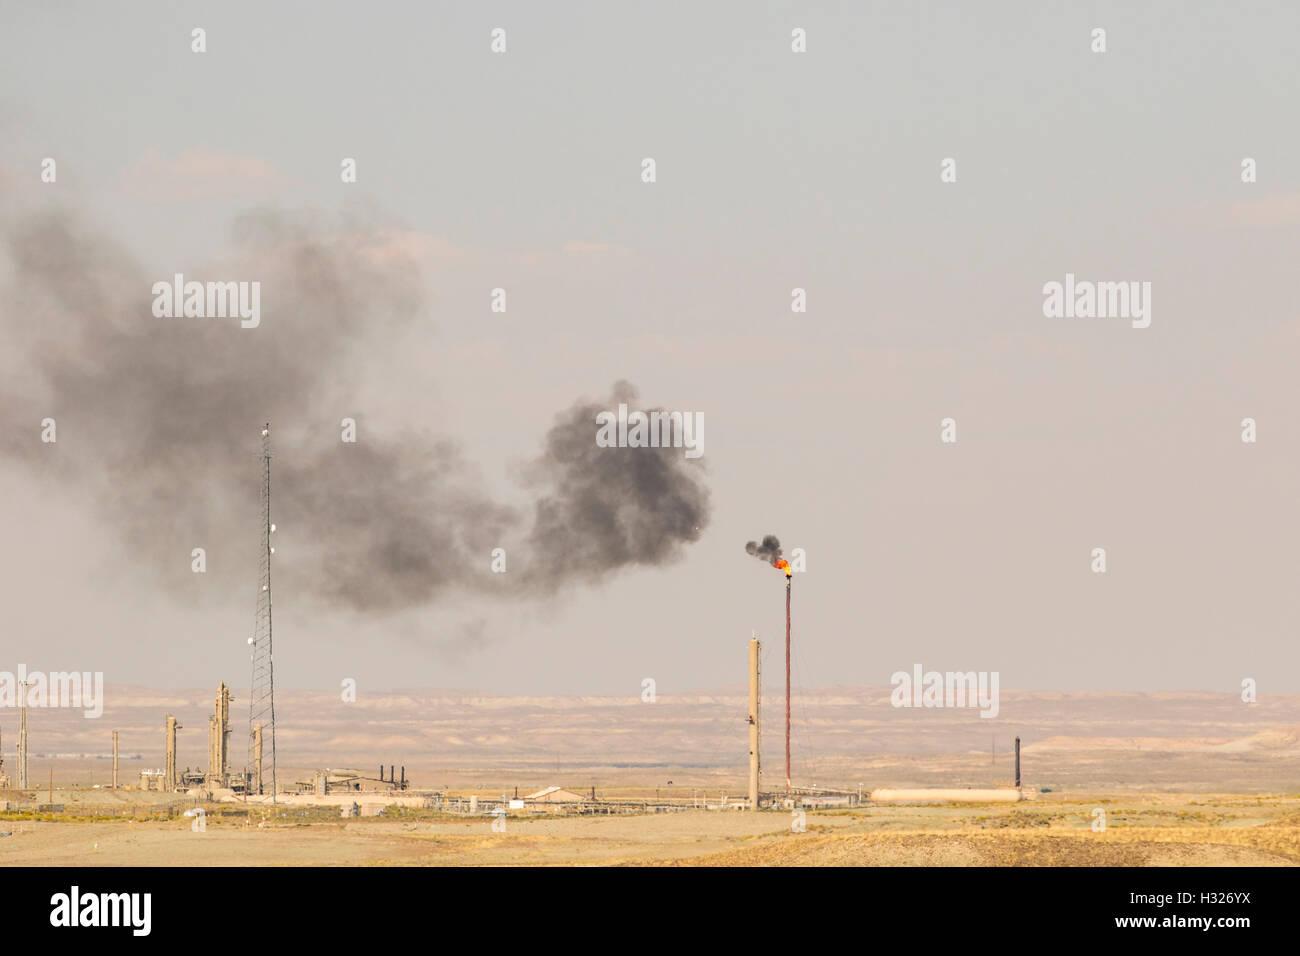 El cambio climático y el calentamiento global causado por la contaminación del aire por el humo, la pila. Imagen De Stock